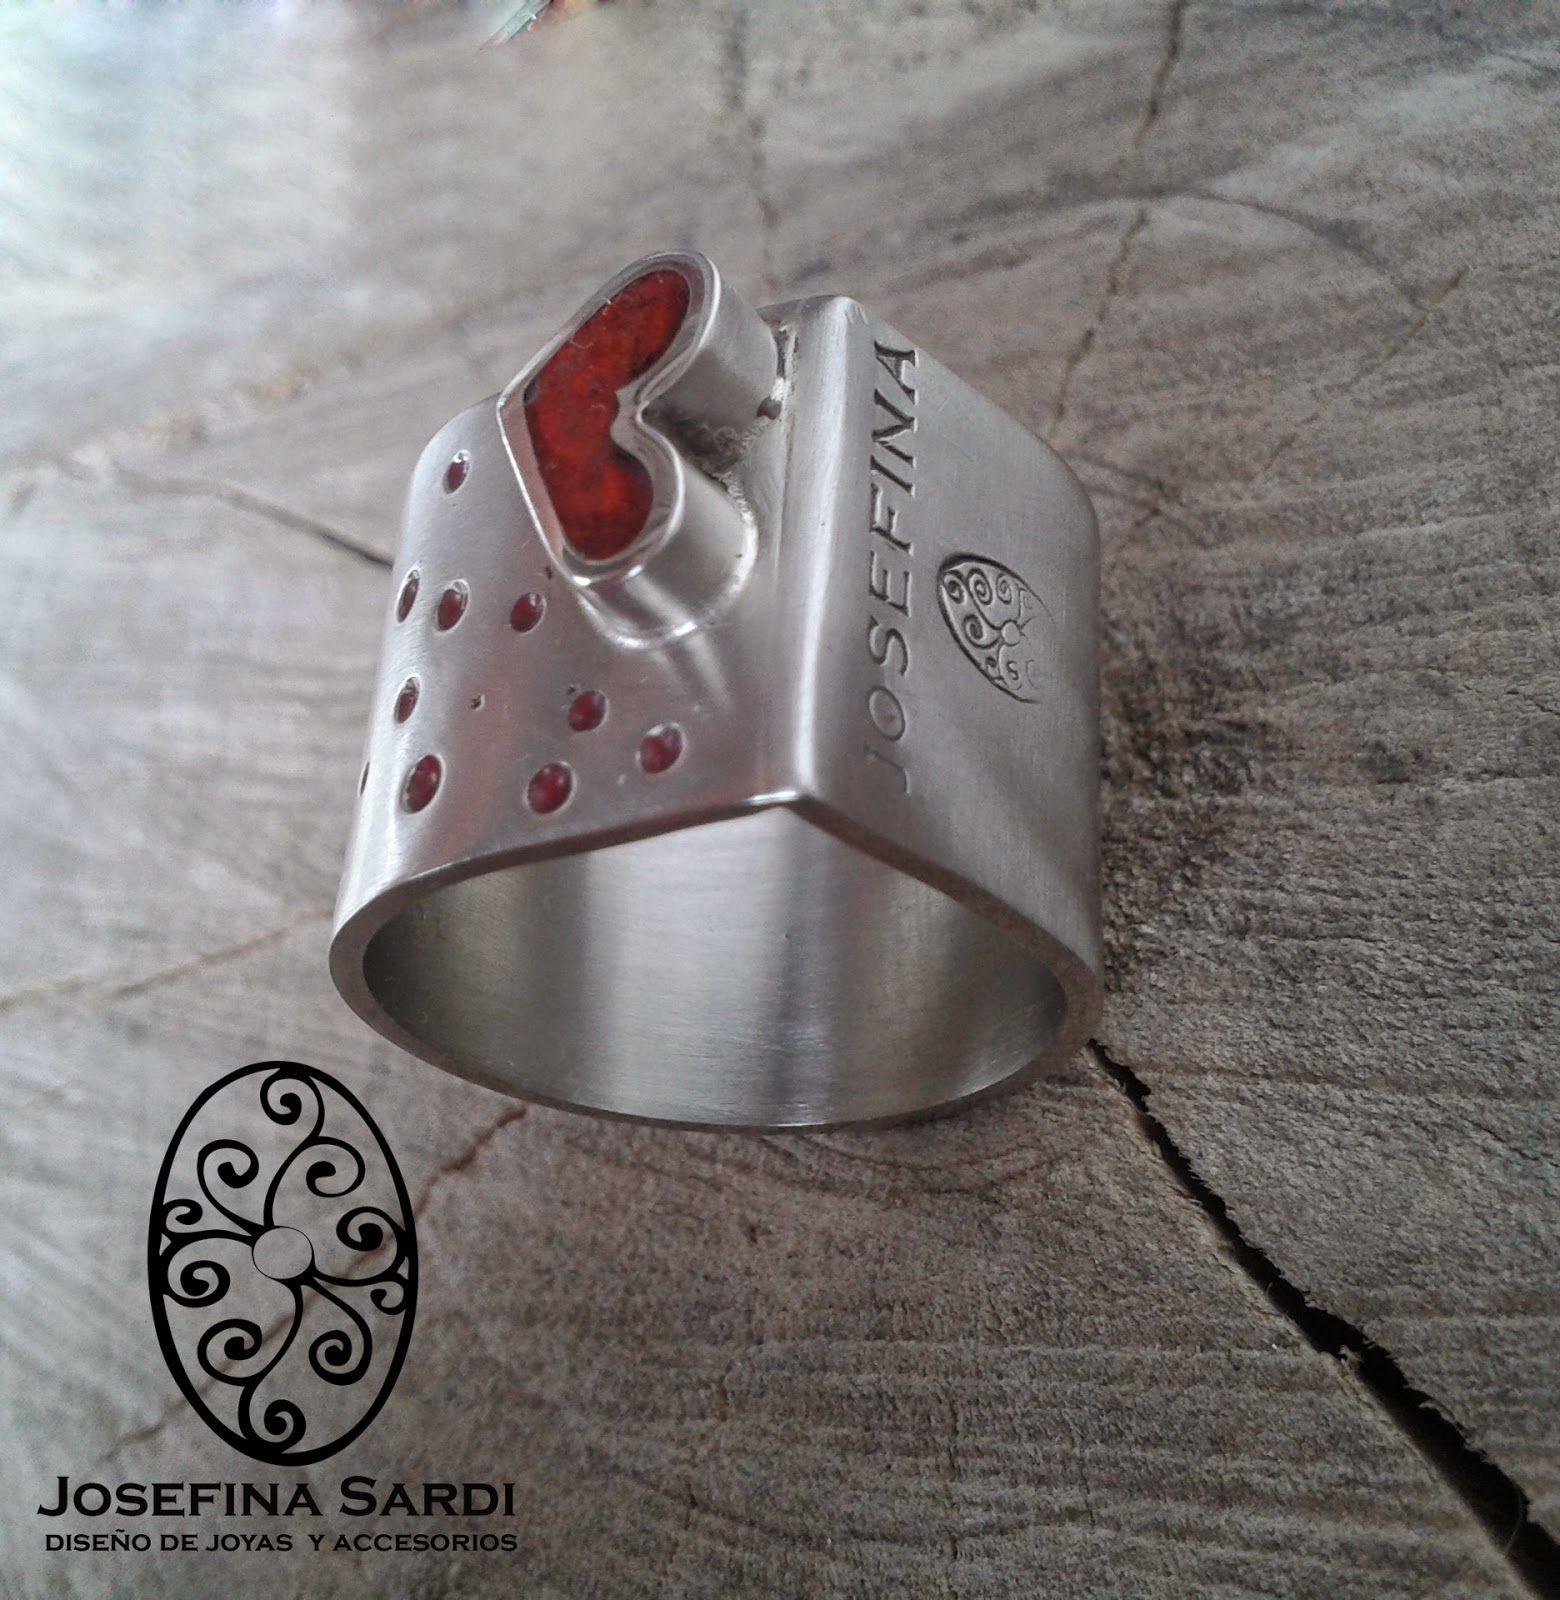 Josefina Sardi Diseño de Joyas y Accesorios: JOYERÍA URBANA